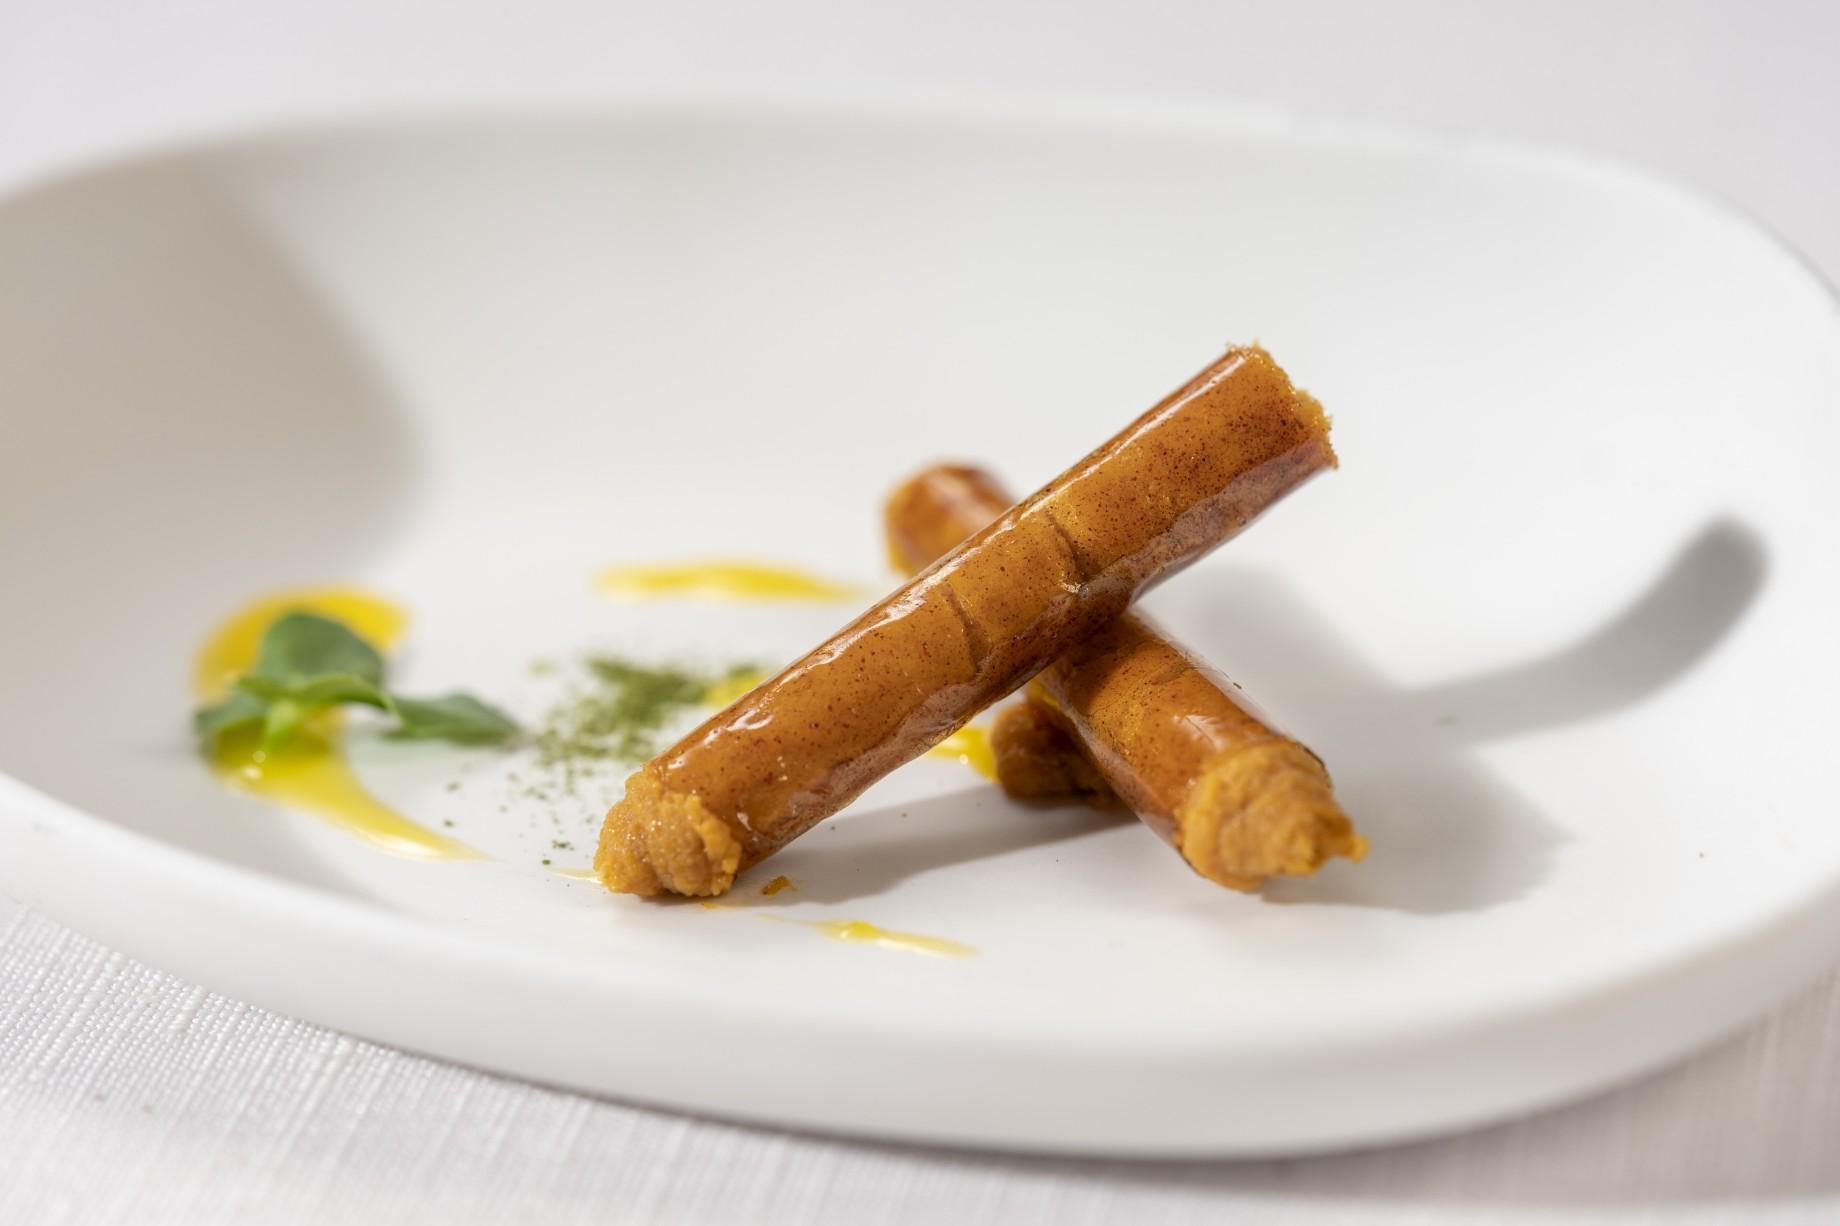 焦糖臘腸捲外以糖與紅椒粉做成糖衣,內則是打成慕斯的巴斯克地區臘腸。(渥達尼斯磨坊提供)